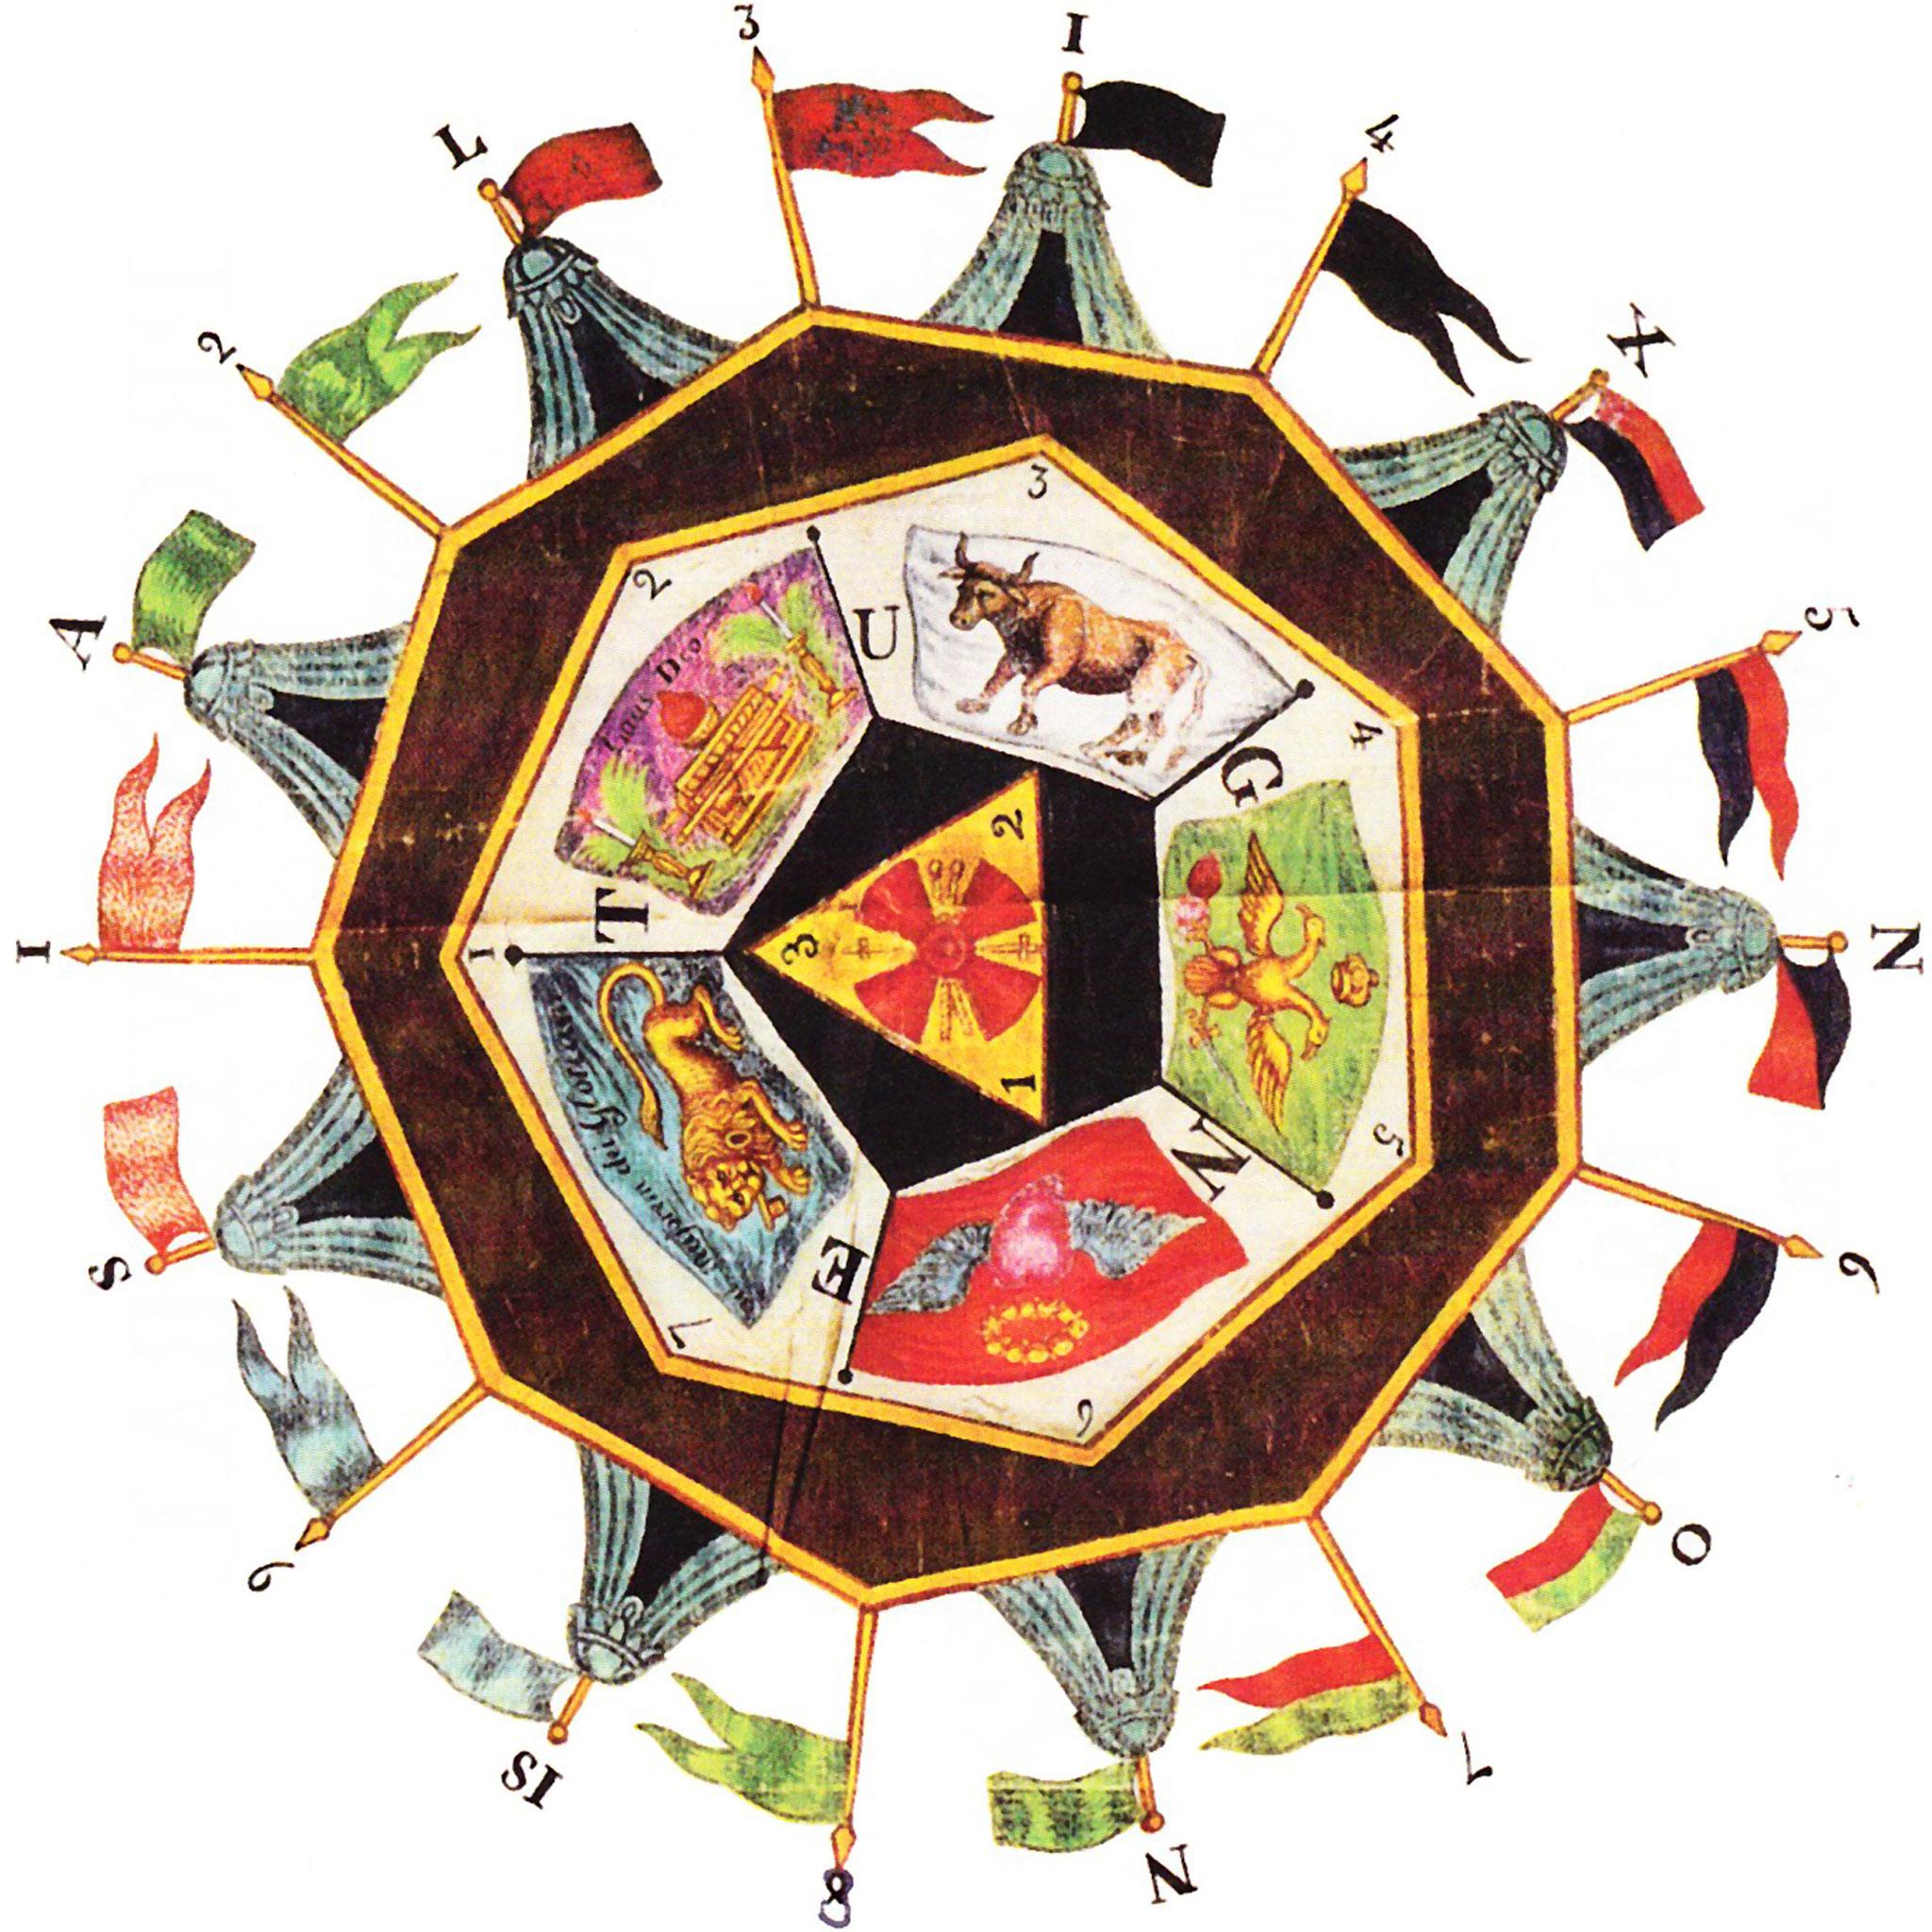 Le sceau du Sublime Prince du Royal Secret modèle fourni par le client.